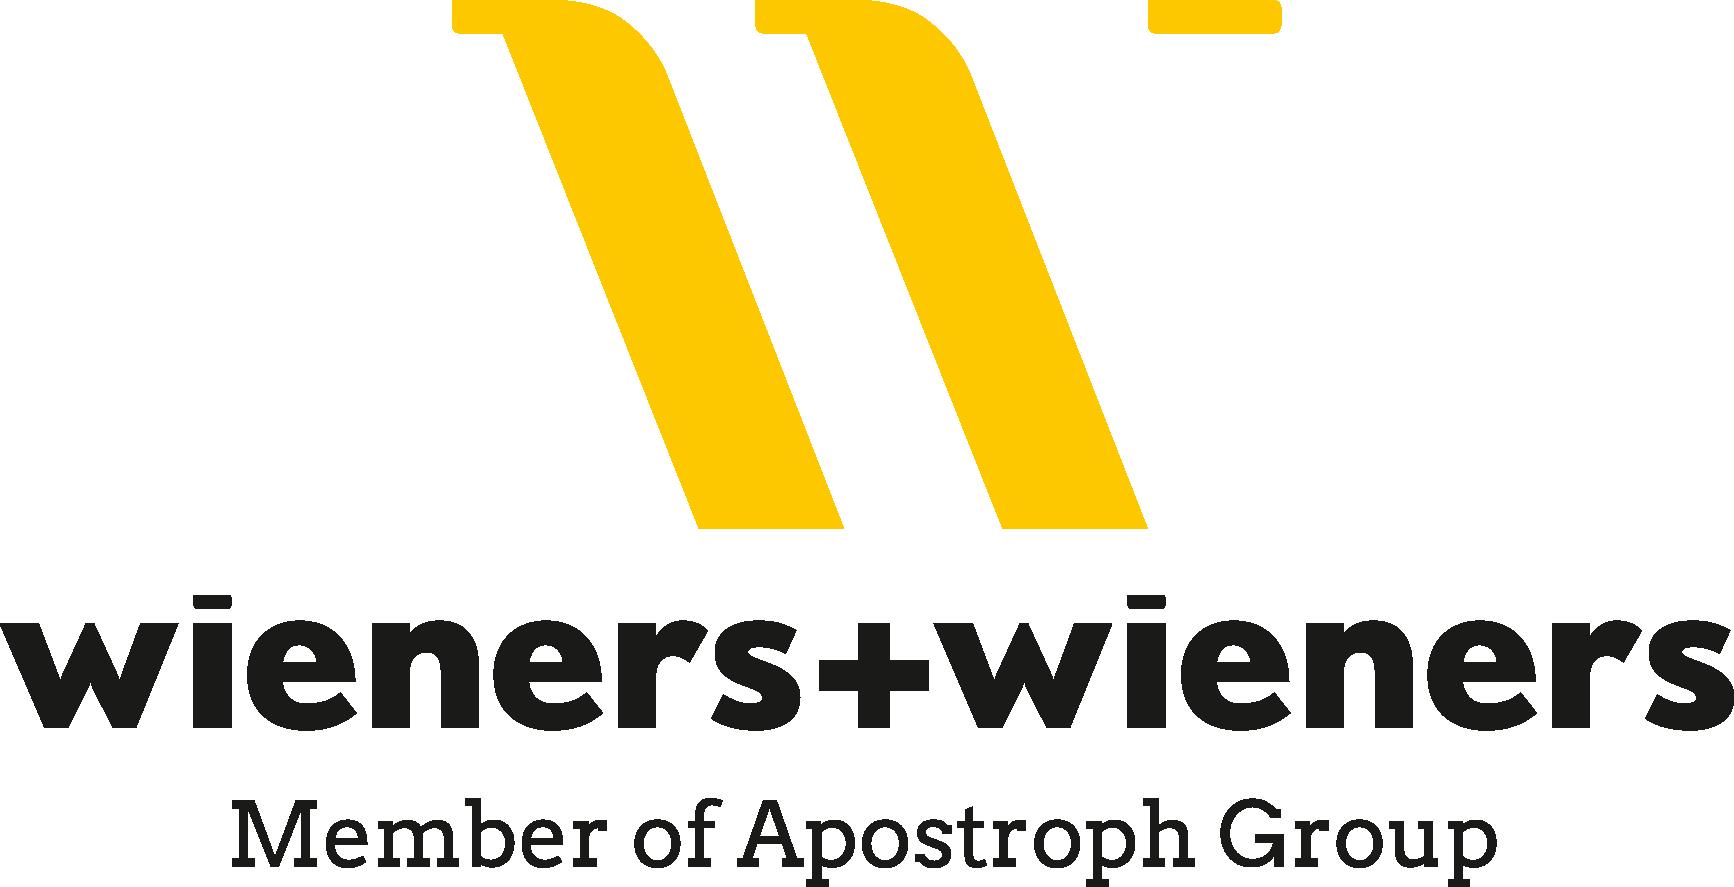 WIENERS+WIENERS Logo